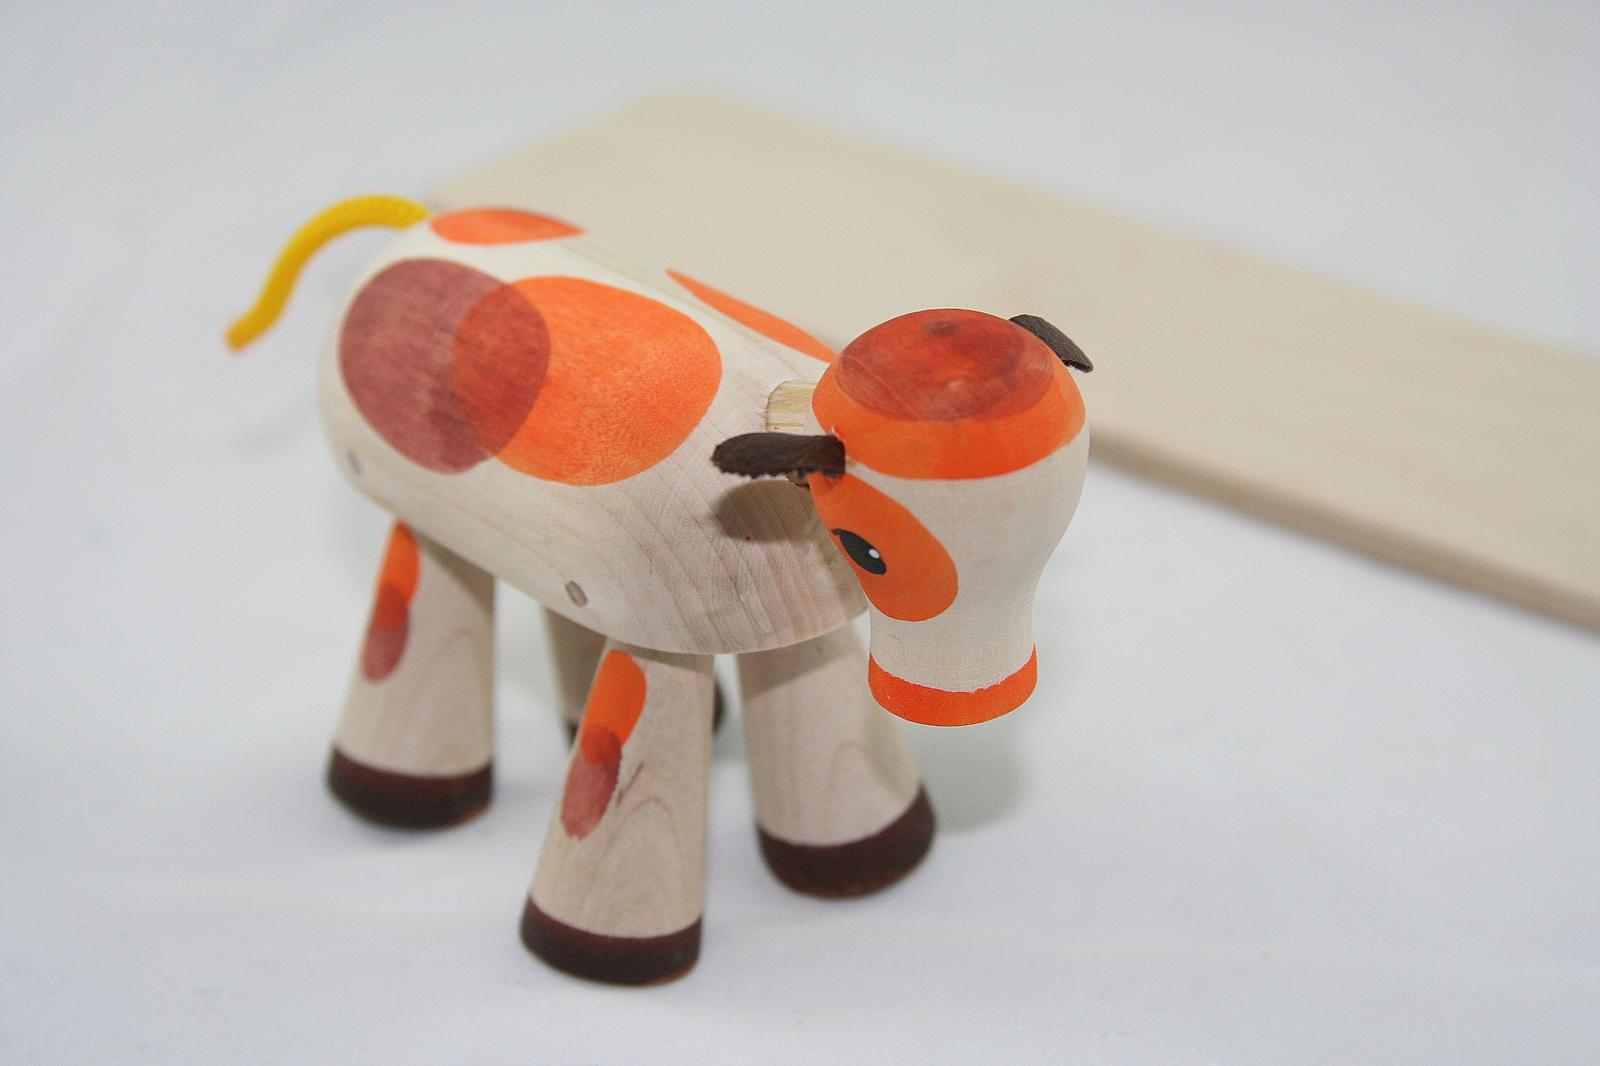 Смотреть схемы вязания детских платьев крючком бесплатно онлайн